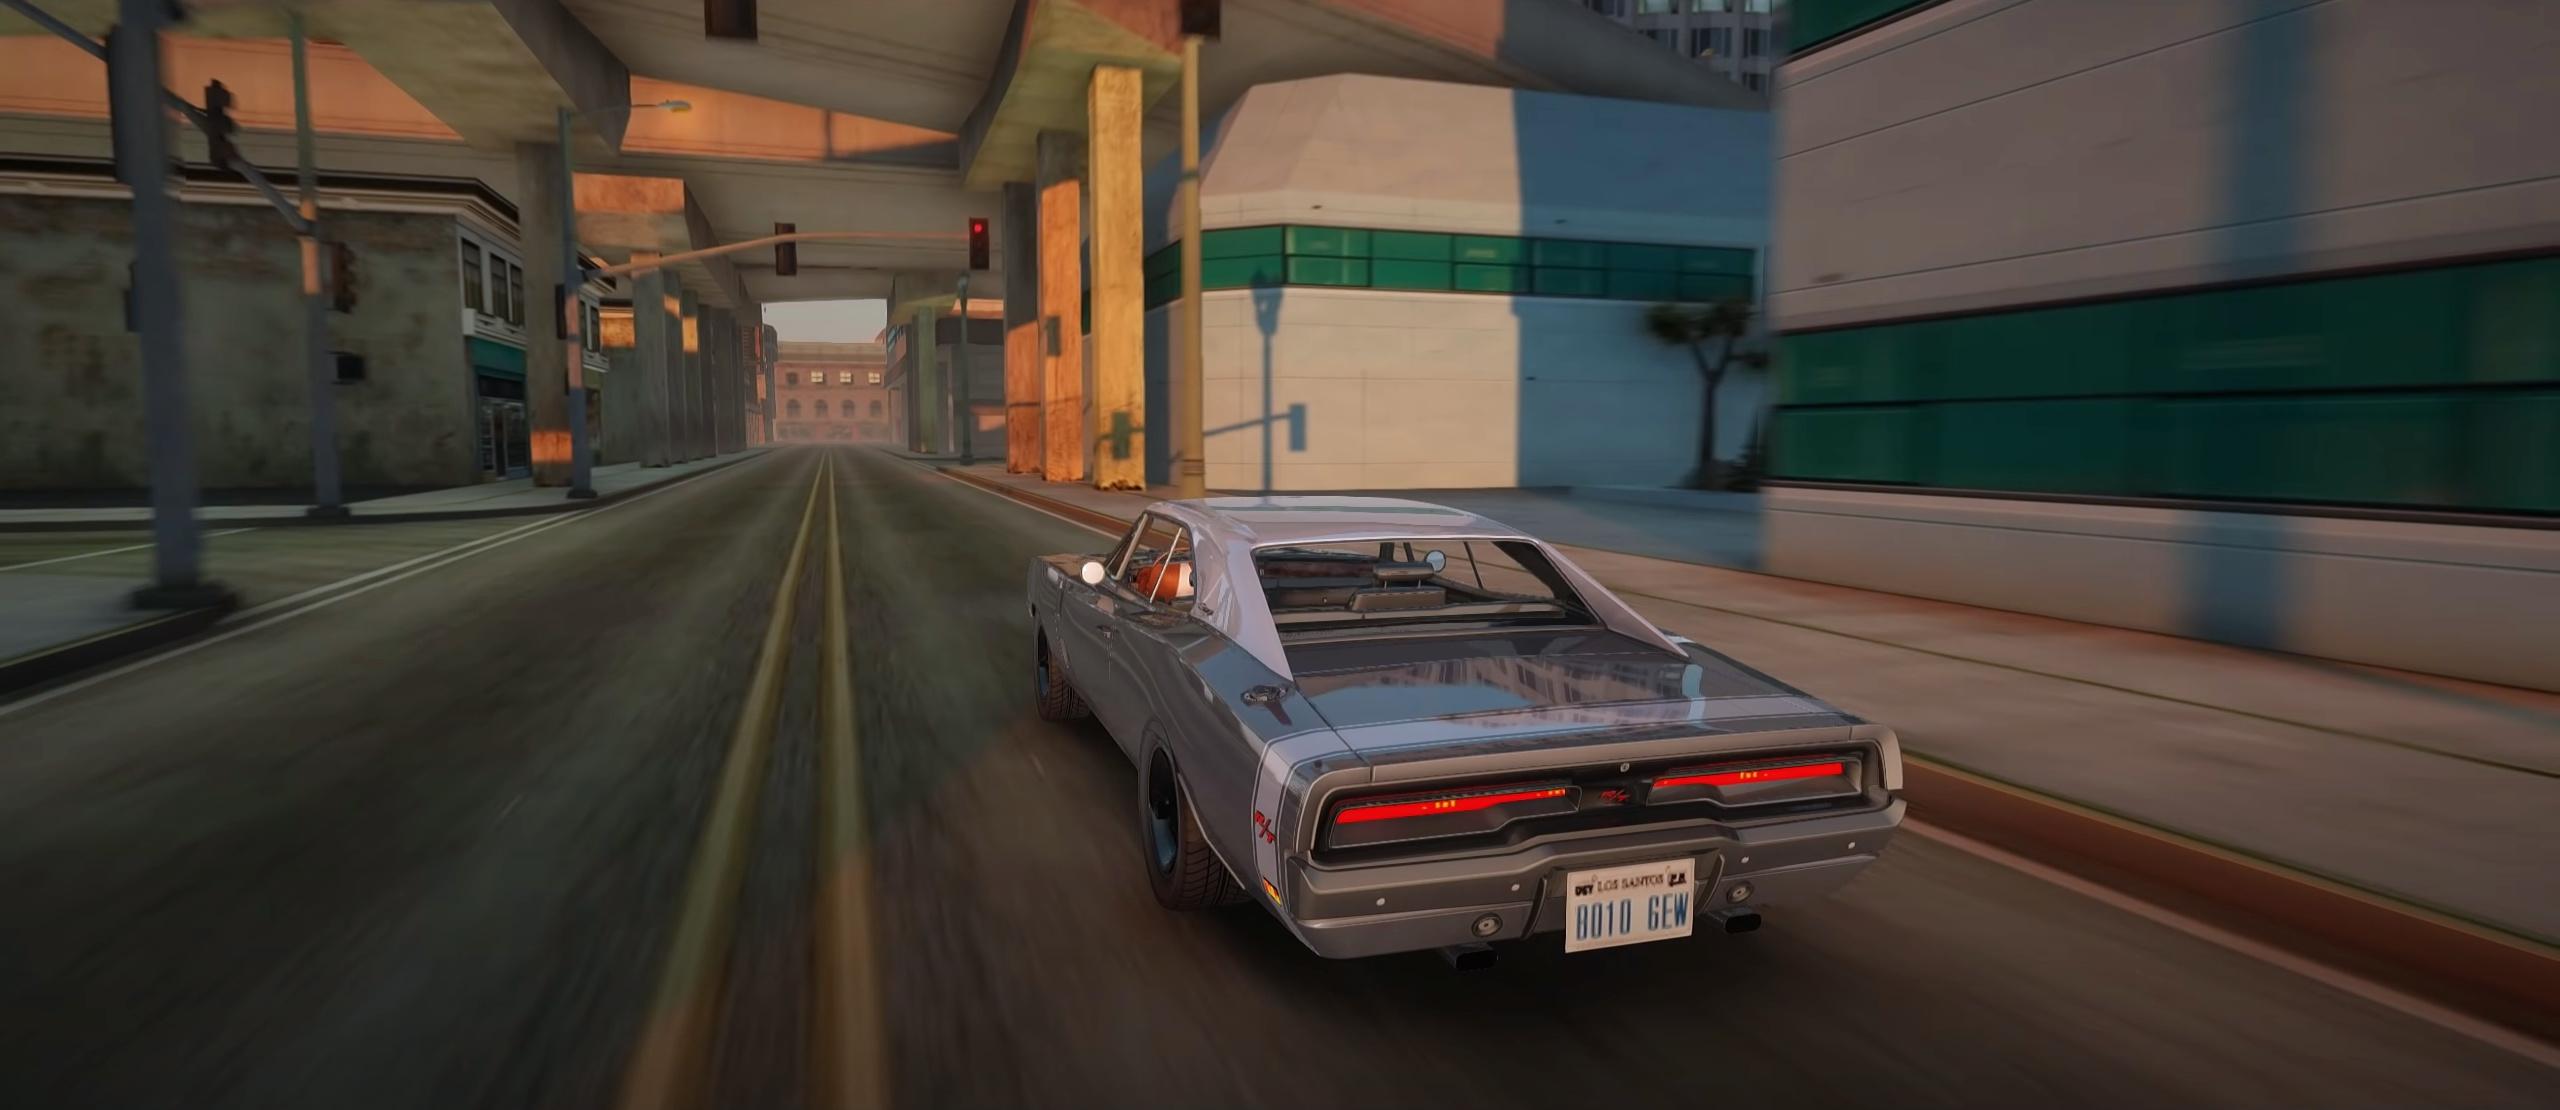 GTA: San Andreas SA_DirectX 3.0